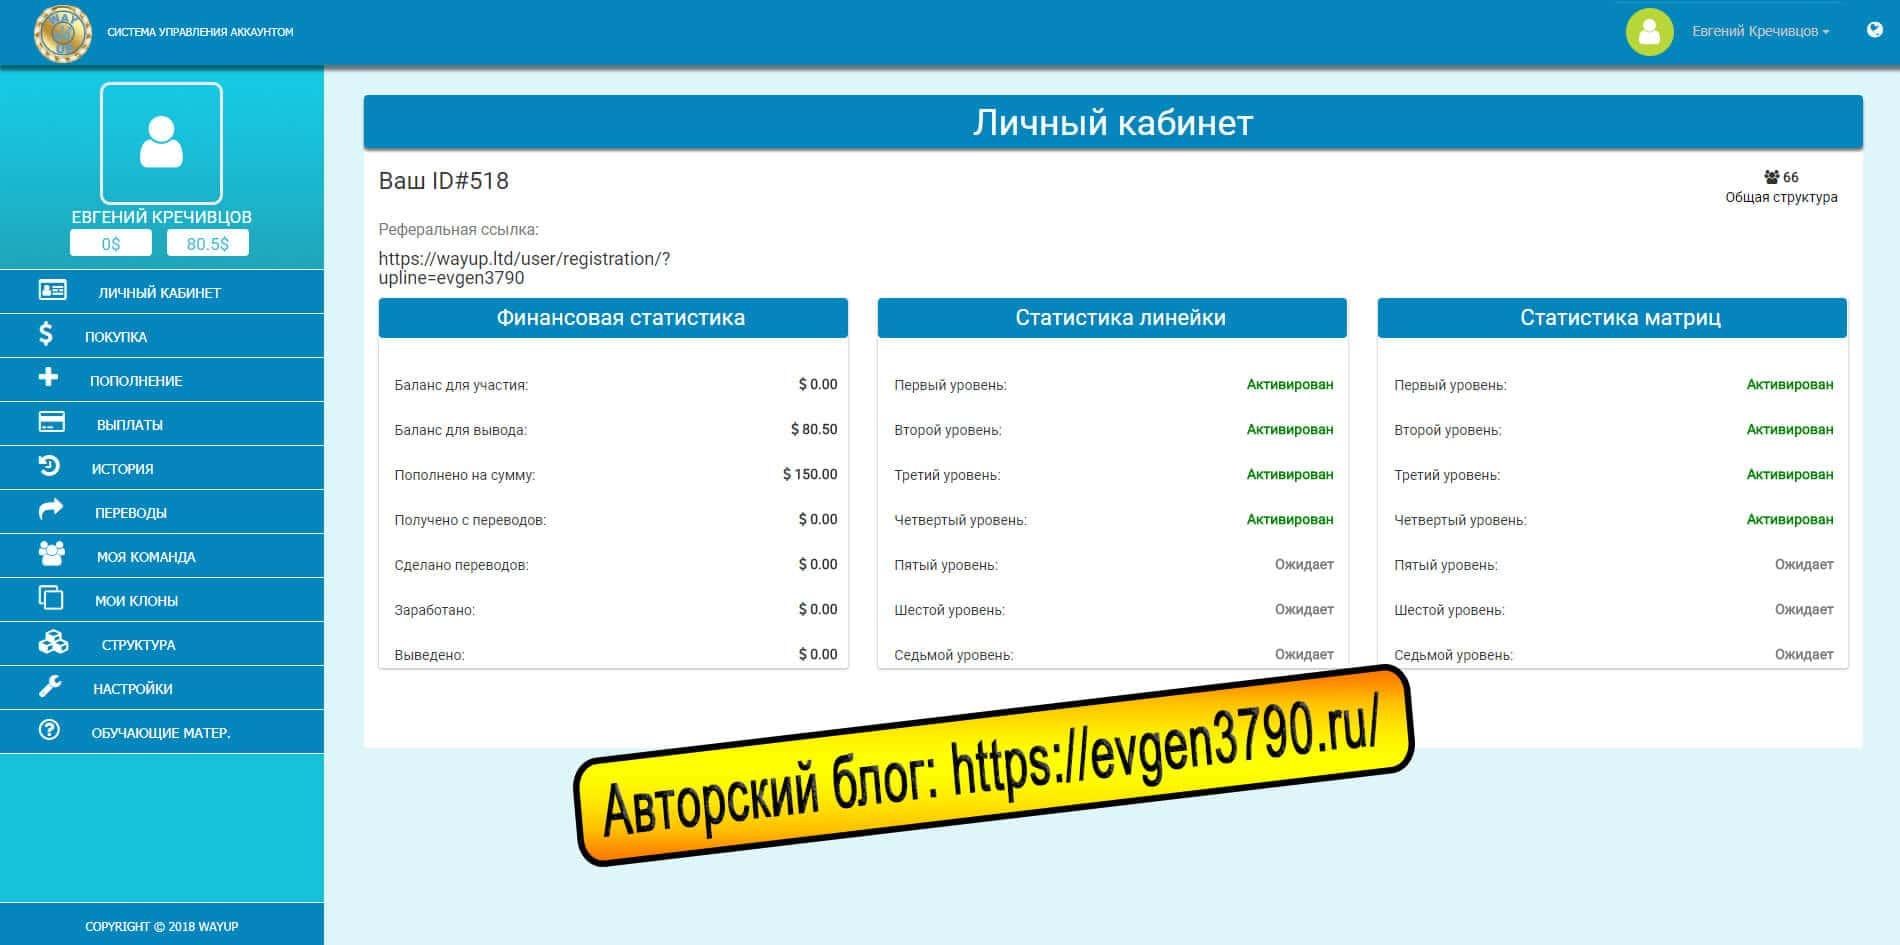 Личный кабинет WAYUP LTD, http://wayup.ltd/?upline=evgen3790, ссылка для регистрации wayup, wayup, wayup.ltd, админ wayup.ltd